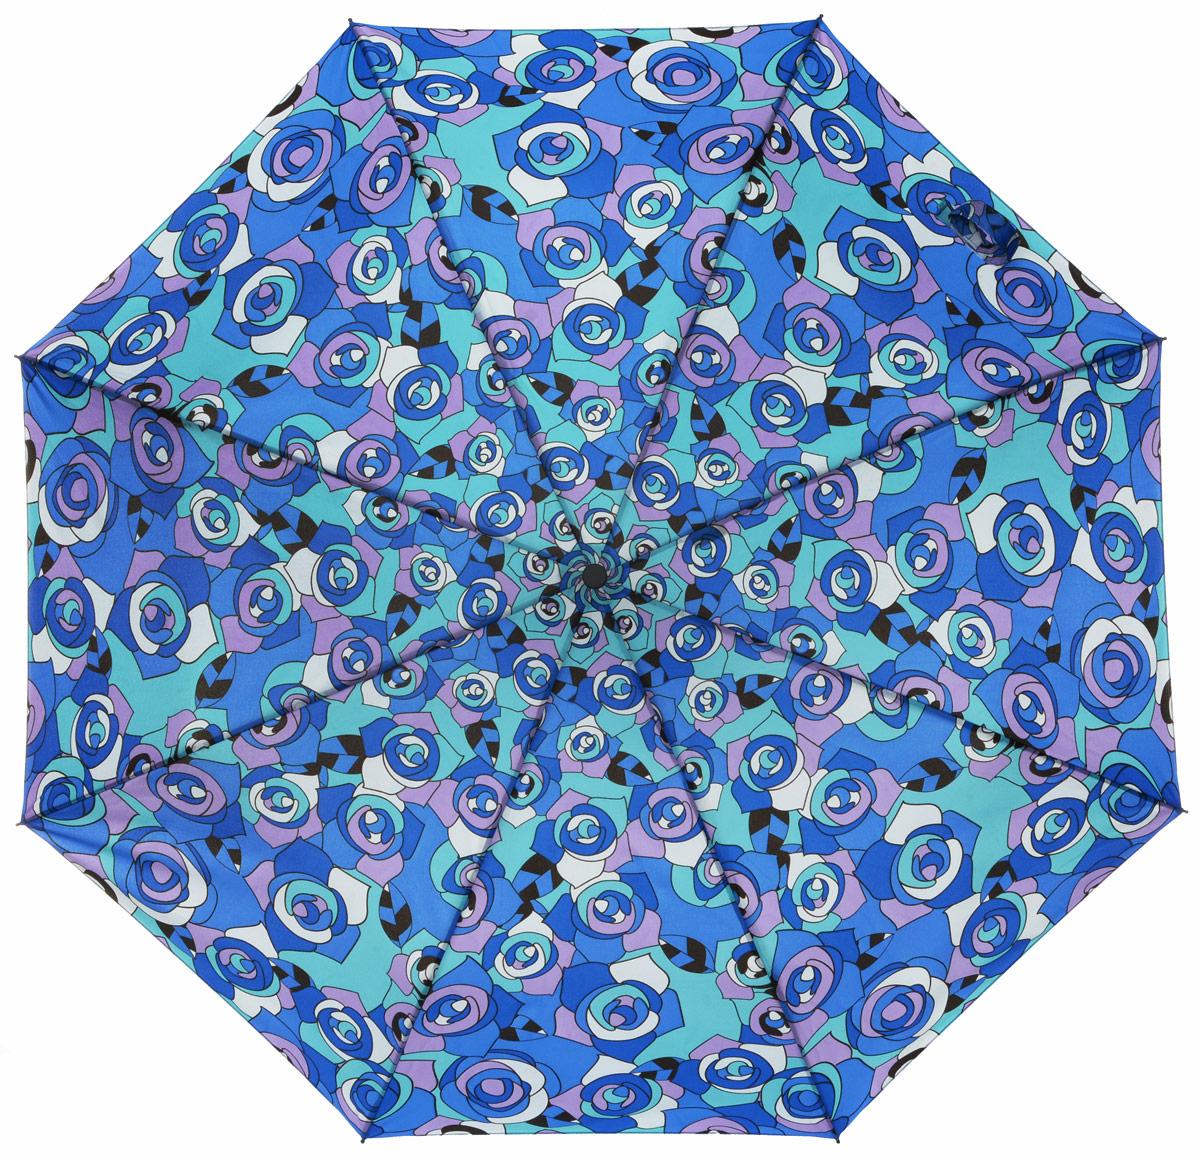 Зонт женский Labbra, автомат, 3 сложения, цвет: голубой, синий. A3-05-046A3-05-046Яркий зонт Labbra не оставит вас незамеченной. Зонт оформлен оригинальным принтом в виде цветов. Зонт состоит из восьми спиц и стержня, изготовленных из стали и фибергласса. Купол выполнен из качественного полиэстера и эпонжа, которые не пропускают воду. Зонт дополнен удобной ручкой из пластика. Зонт имеет автоматический механизм сложения: купол открывается и закрывается нажатием кнопки на ручке, стержень складывается вручную до характерного щелчка, благодаря чему открыть и закрыть зонт можно одной рукой. Ручка дополнена петлей, благодаря которой зонт можно носить на запястье . К зонту прилагается чехол. Удобный и практичный аксессуар даже в ненастную погоду позволит вам оставаться стильной и элегантной.